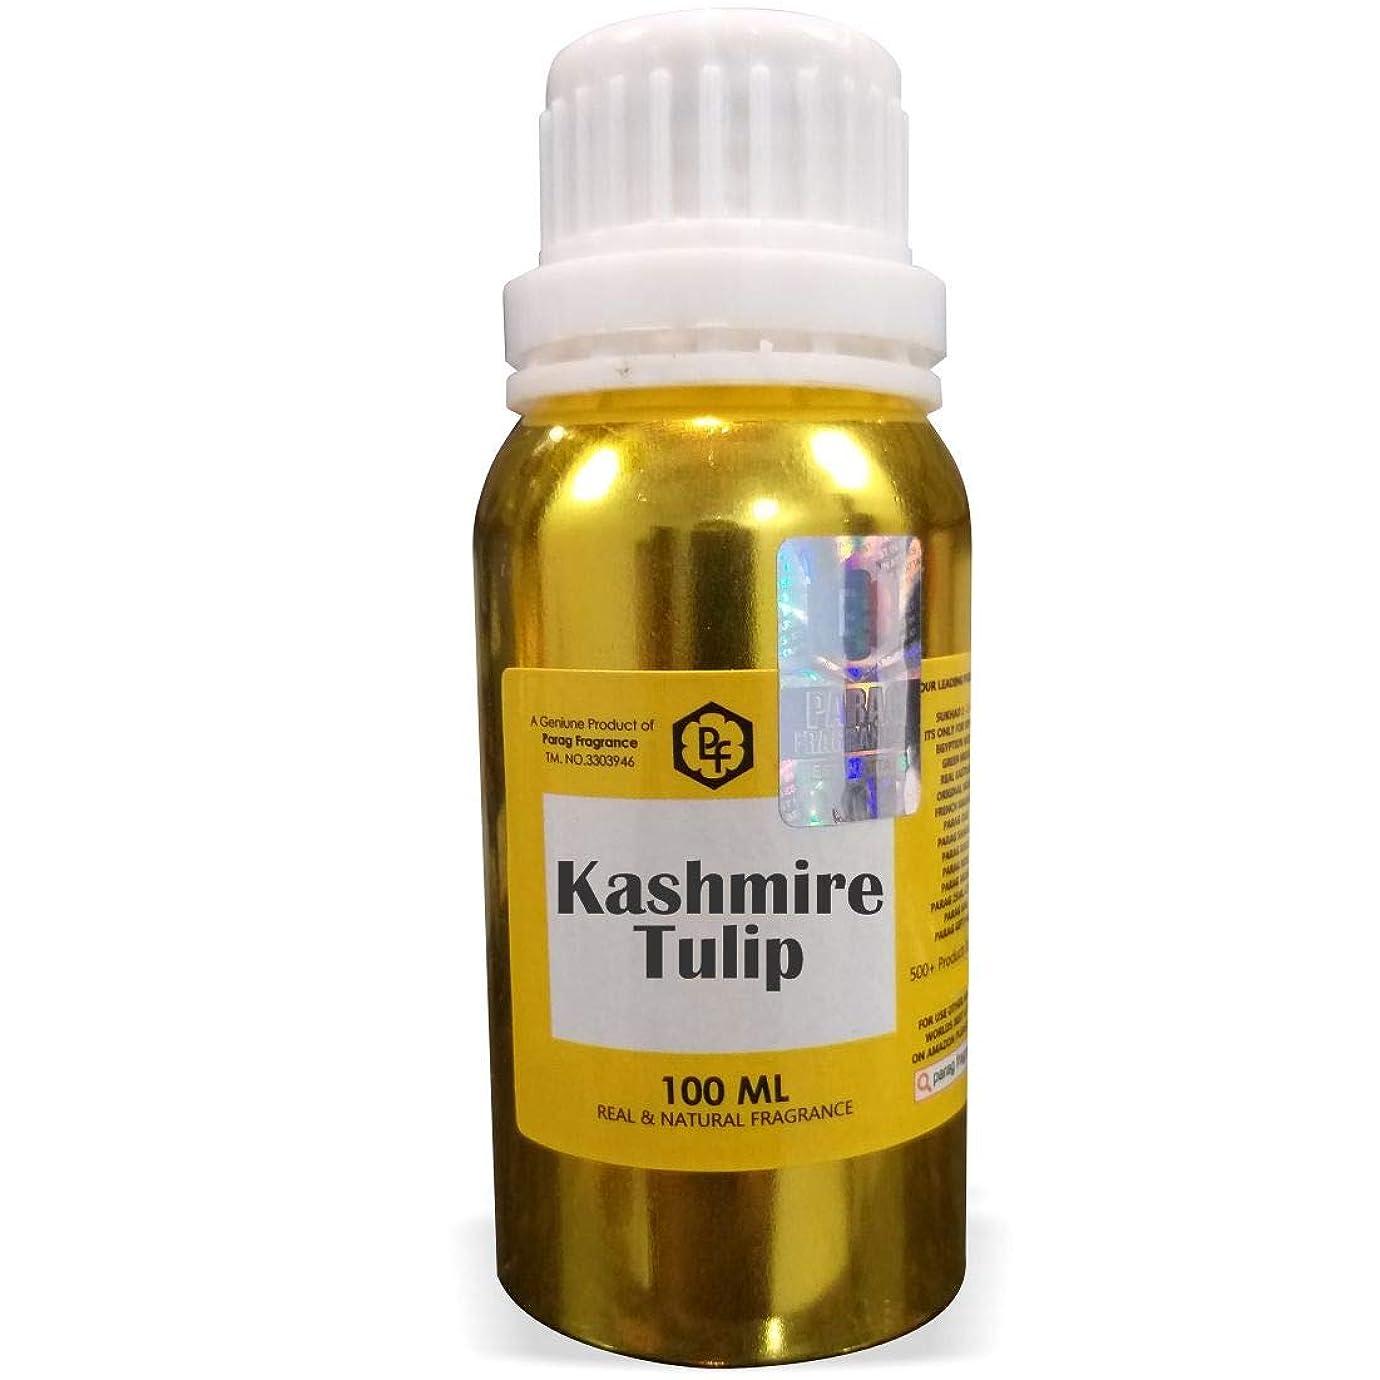 子供達自治吹きさらしParagフレグランスKashmireチューリップアター100ミリリットル(男性用アルコールフリーアター)香油| 香り| ITRA